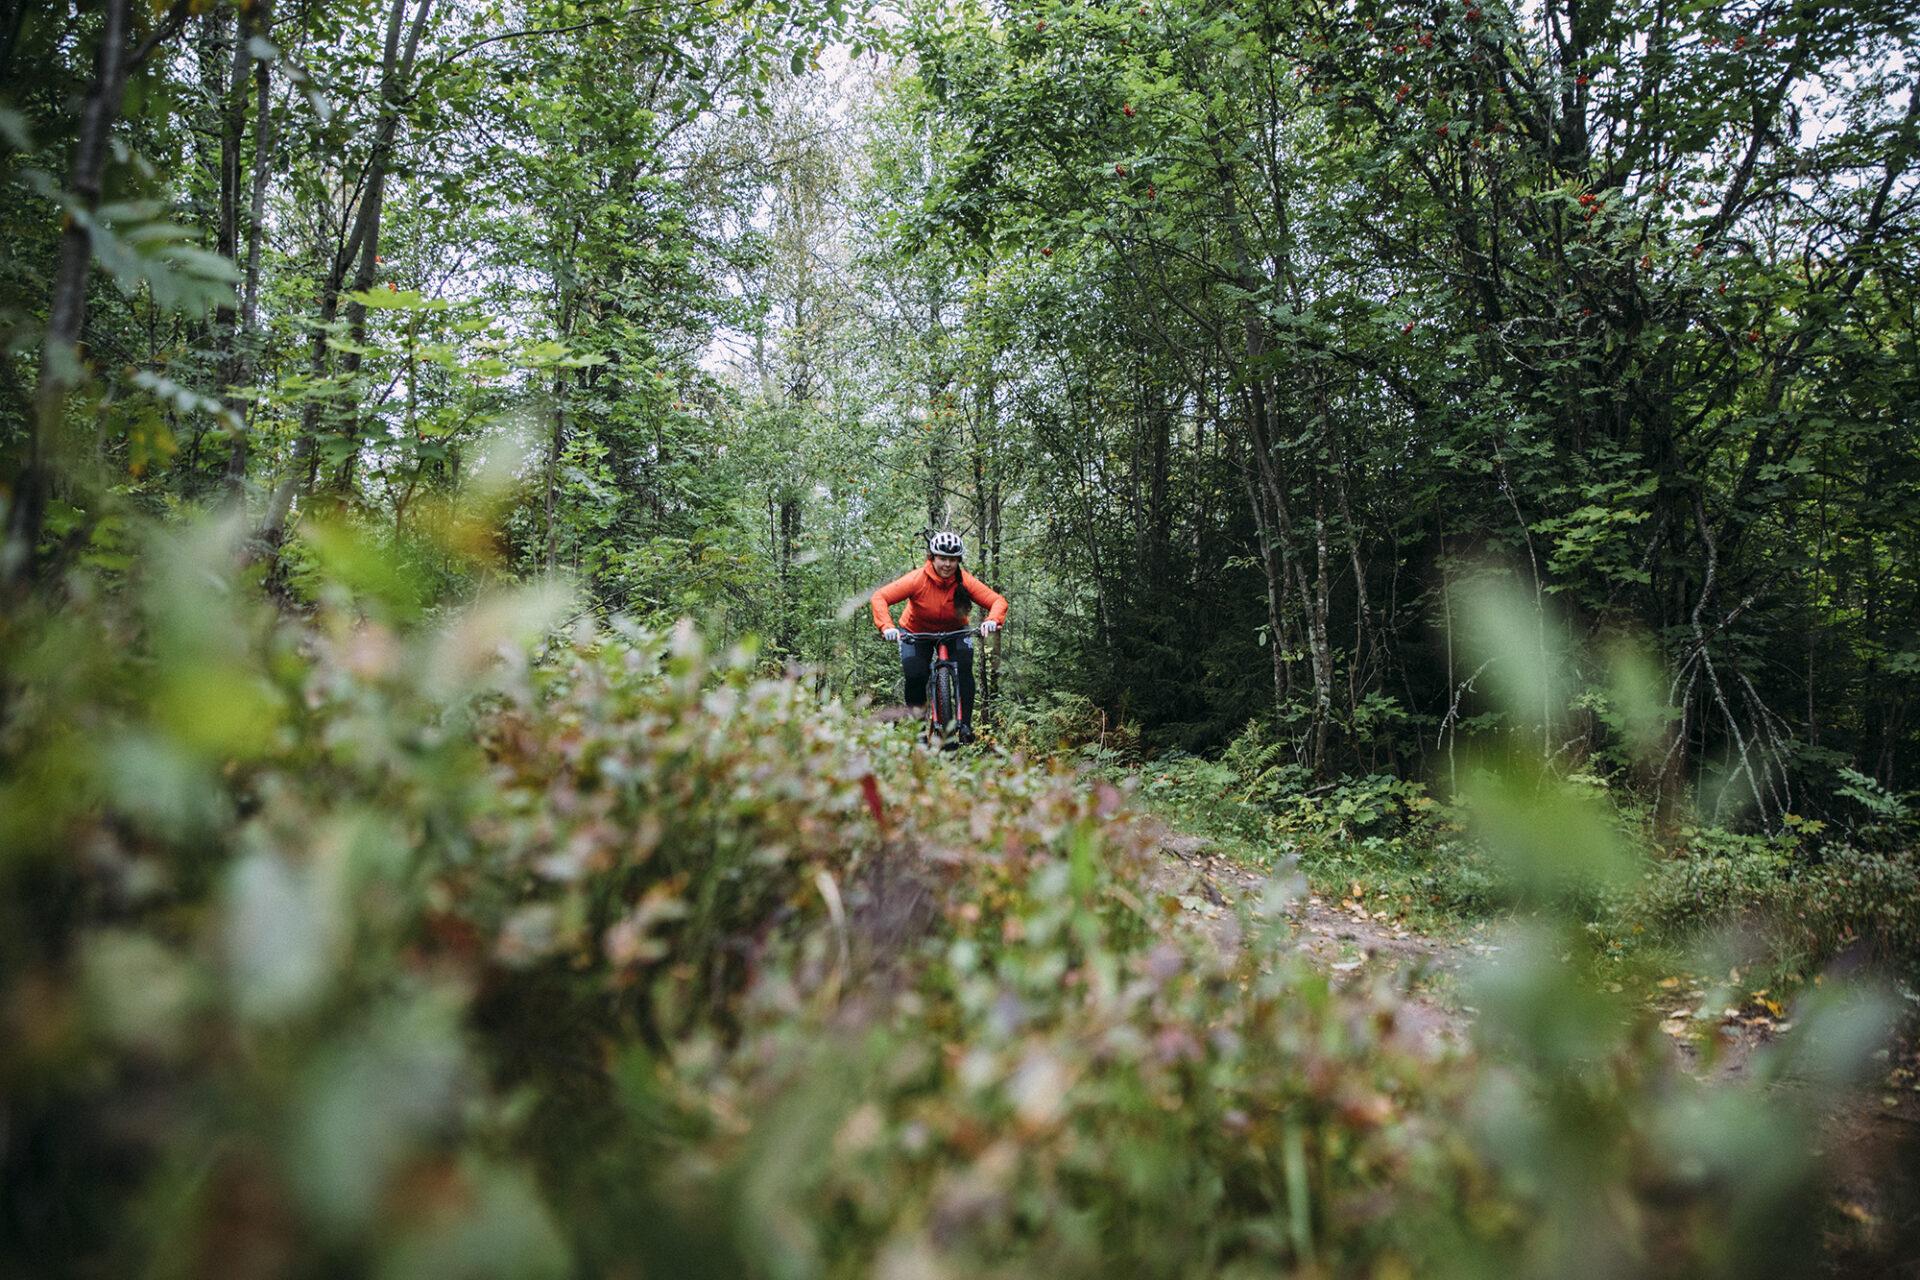 mtb-cykling i säfsen i fin skog med grön mossa